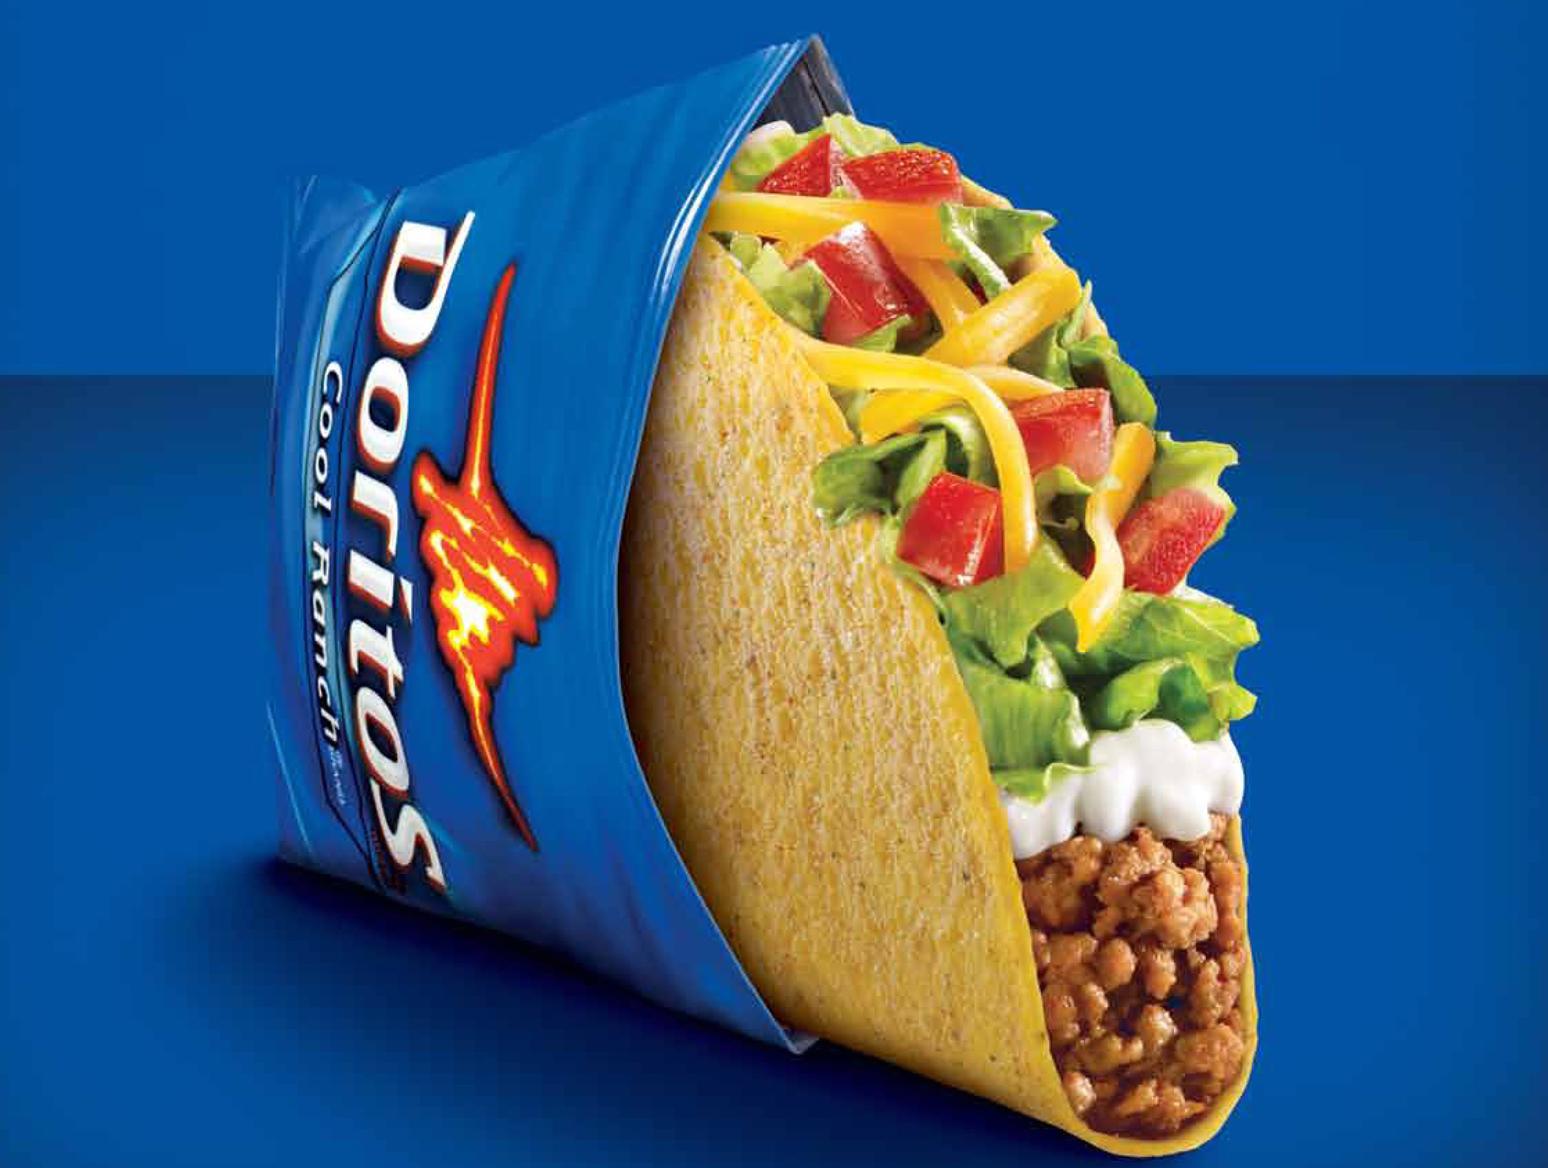 Taco Bell Cool Ranch Doritos Locos Tacos Supreme